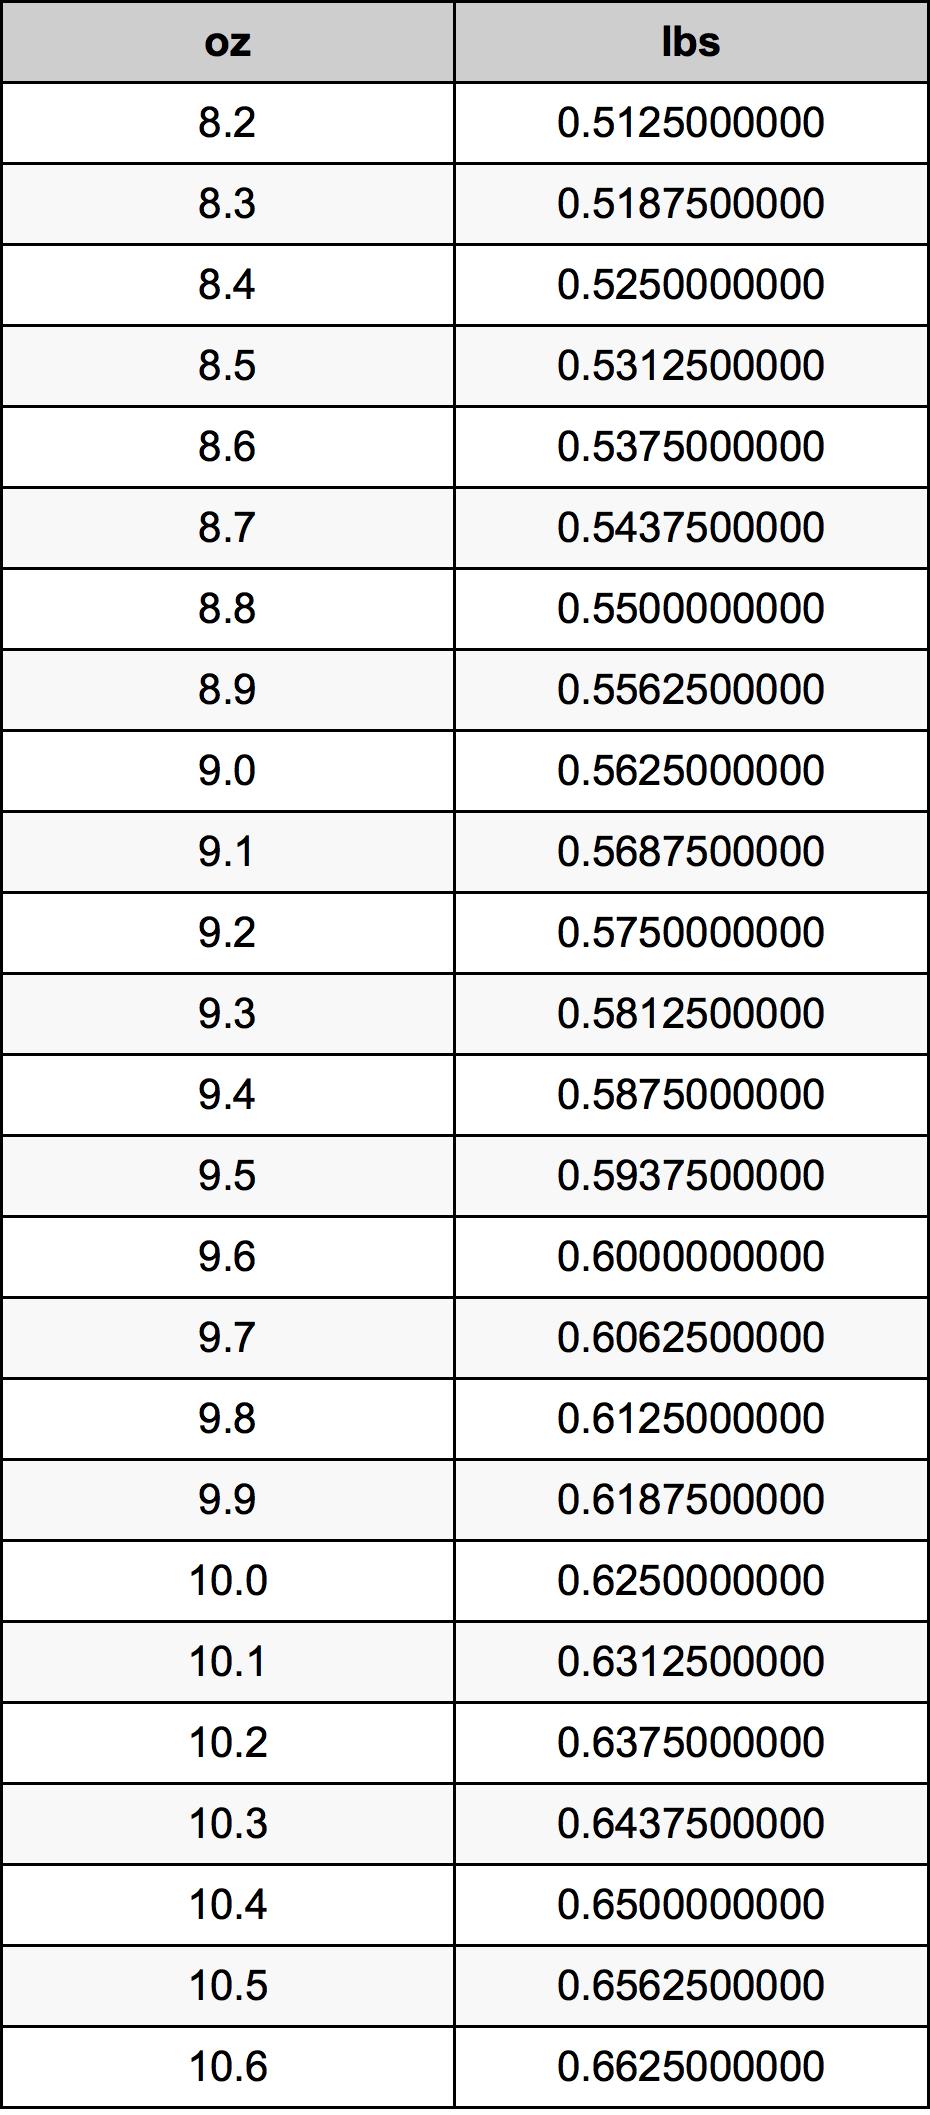 9.4 Ounces To Pounds Converter | 9.4 oz To lbs Converter